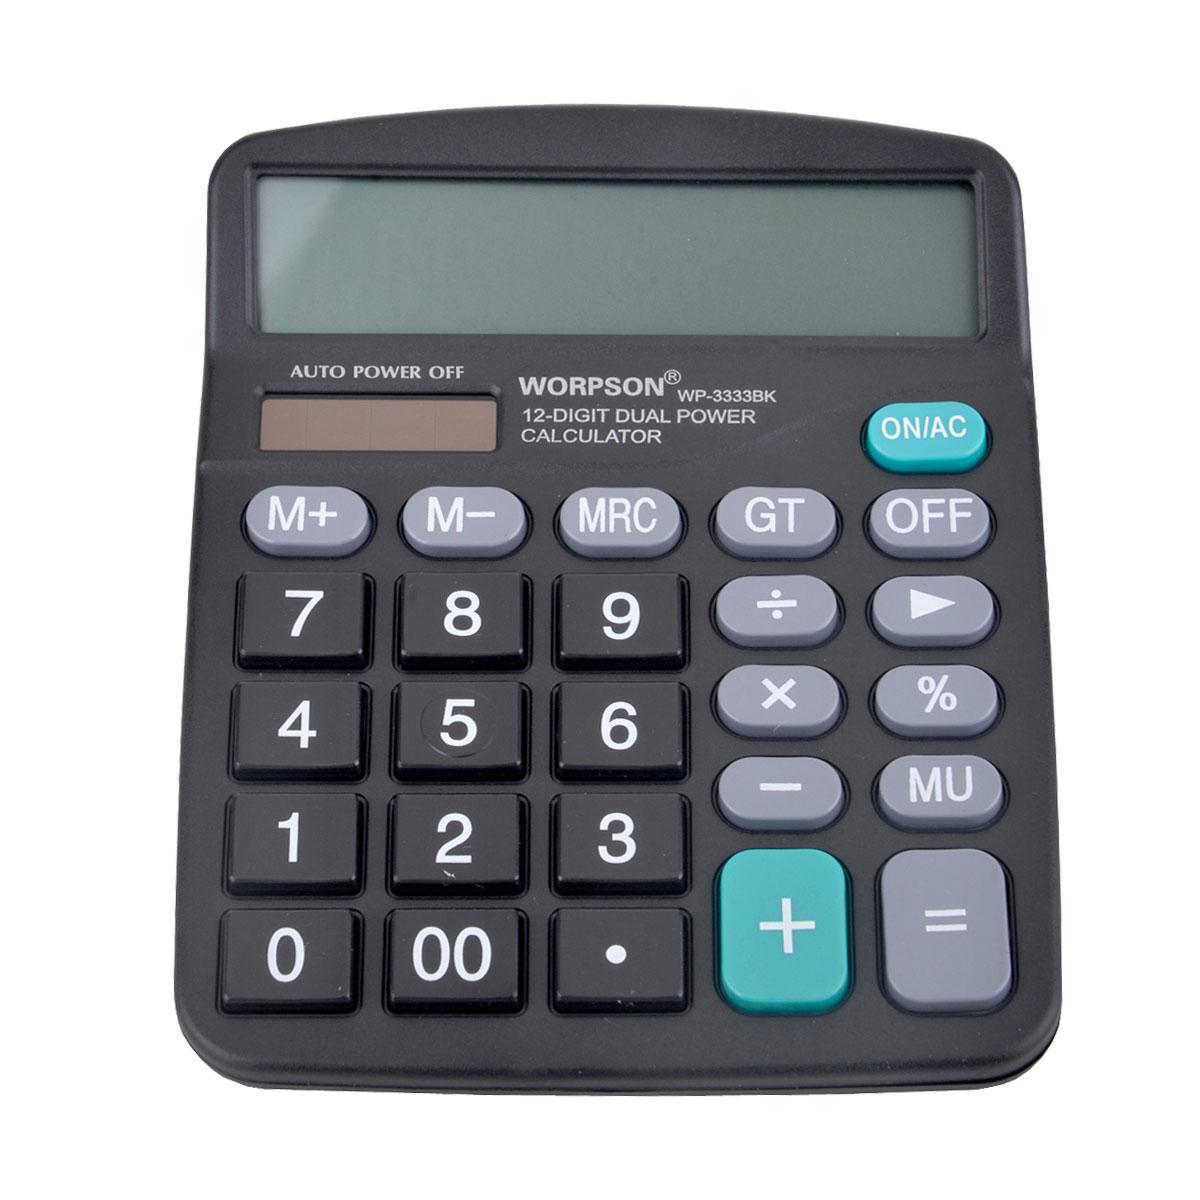 الة حاسبة  WORPSON  ،شاشة كبيرة  12 رقم